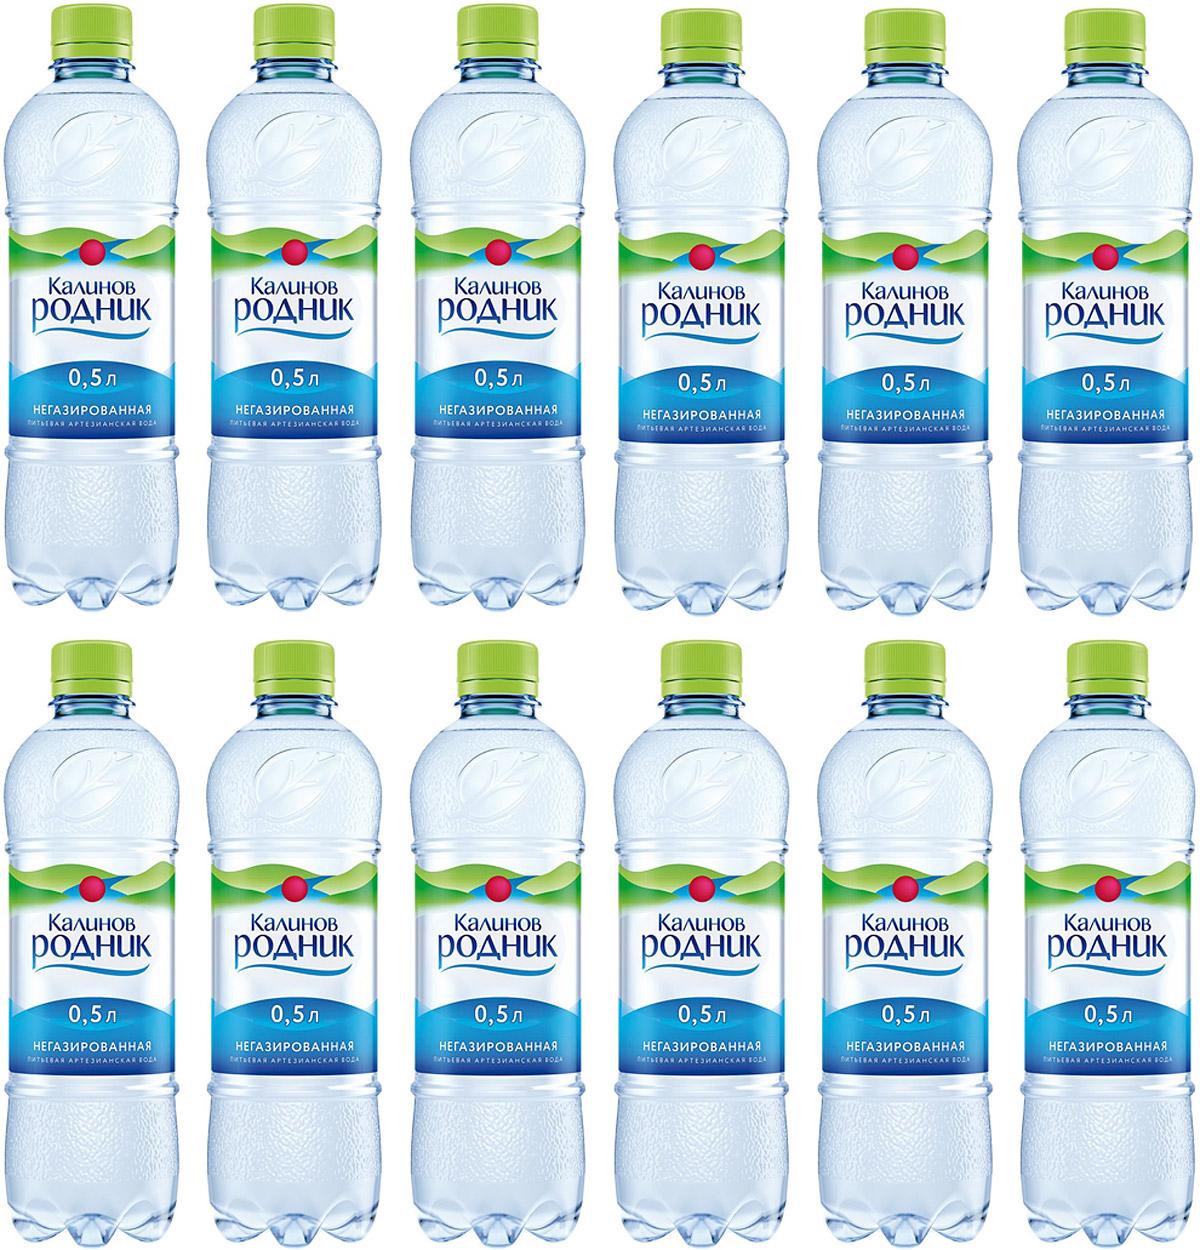 Калинов Родник питьевая артезианская негазированная вода, 12 штук по 0,5 л